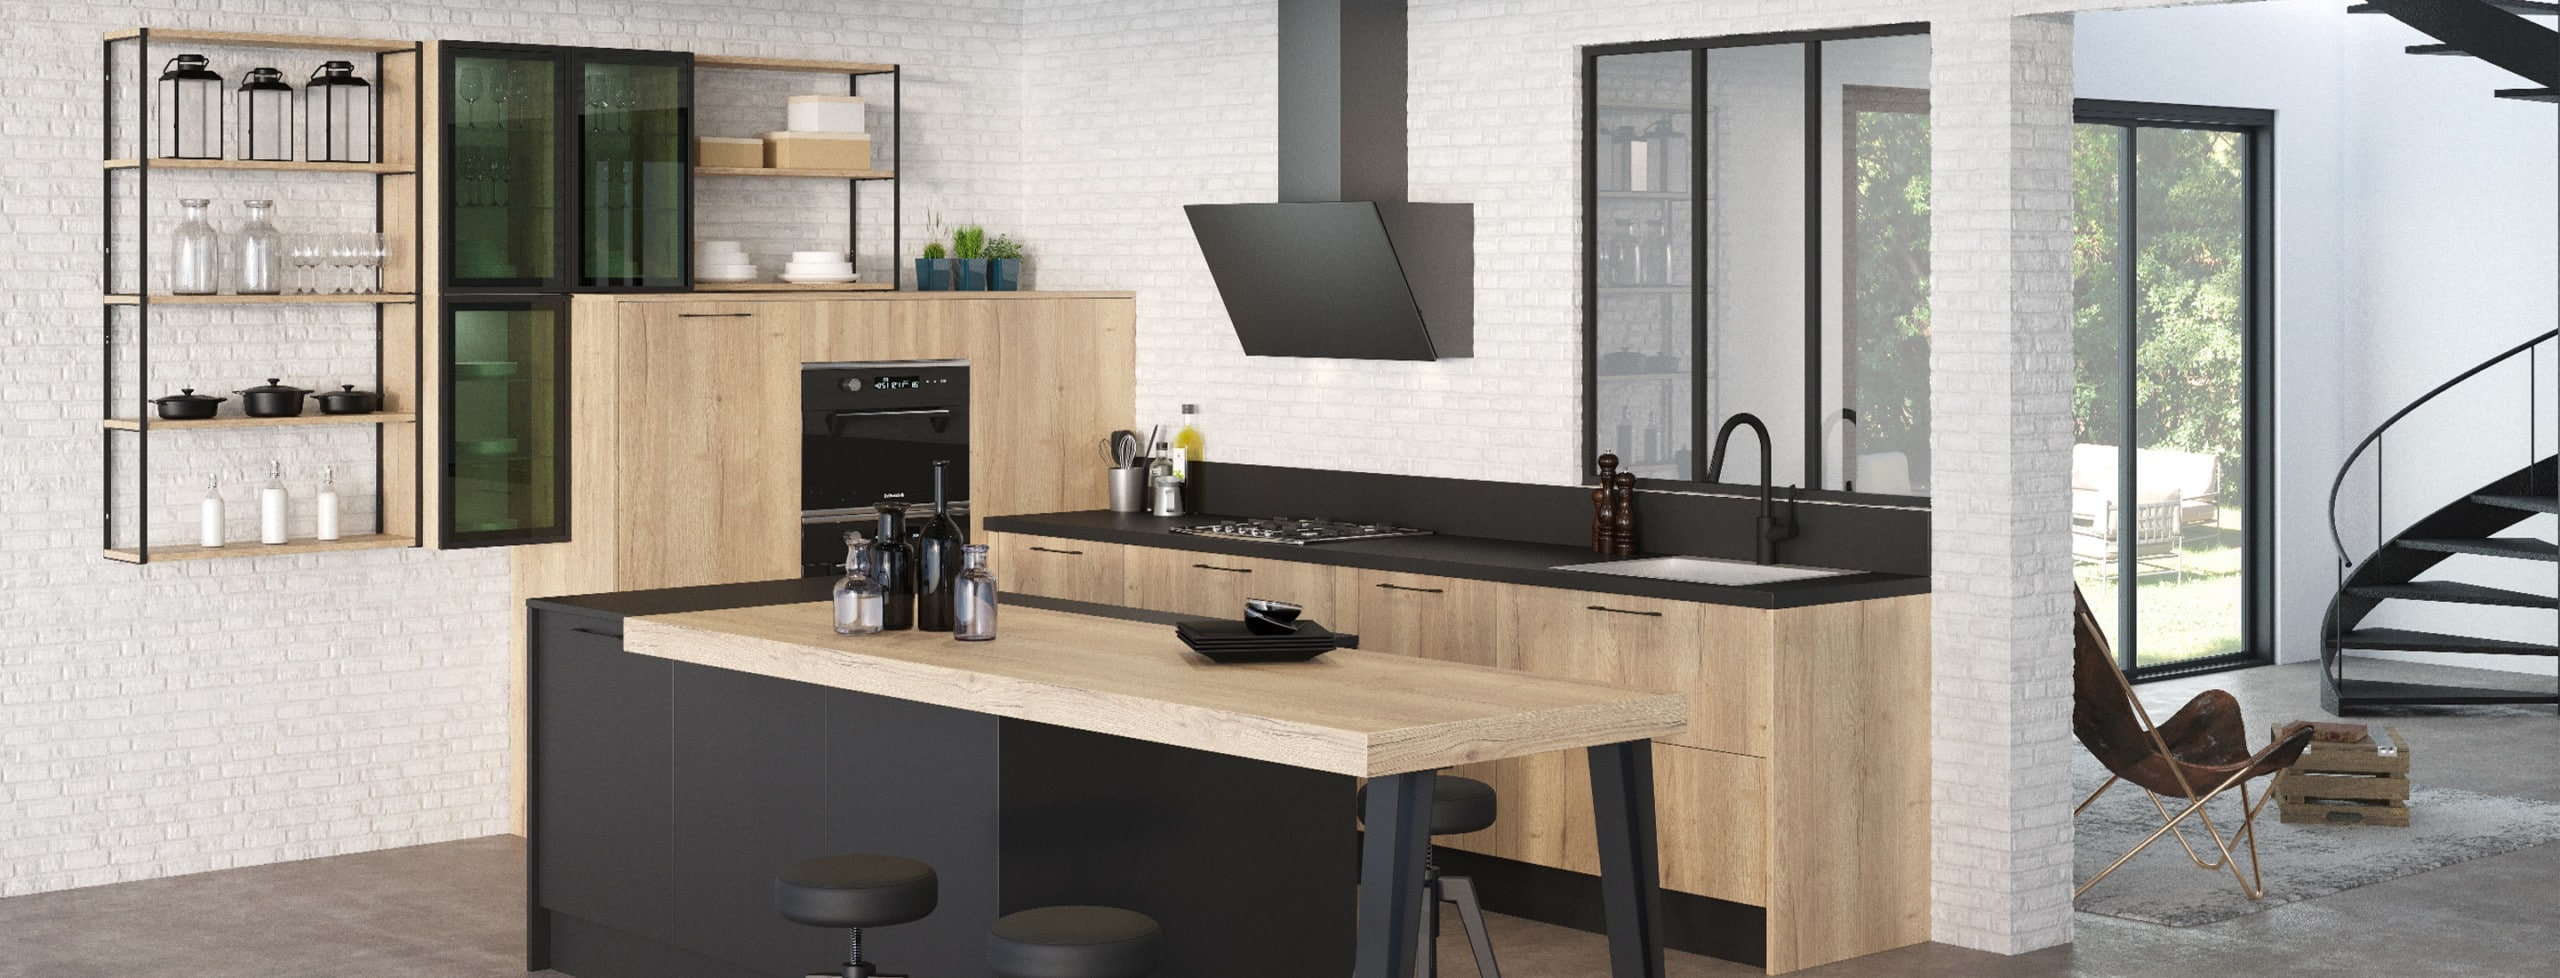 cuisine style industriel bois et noir